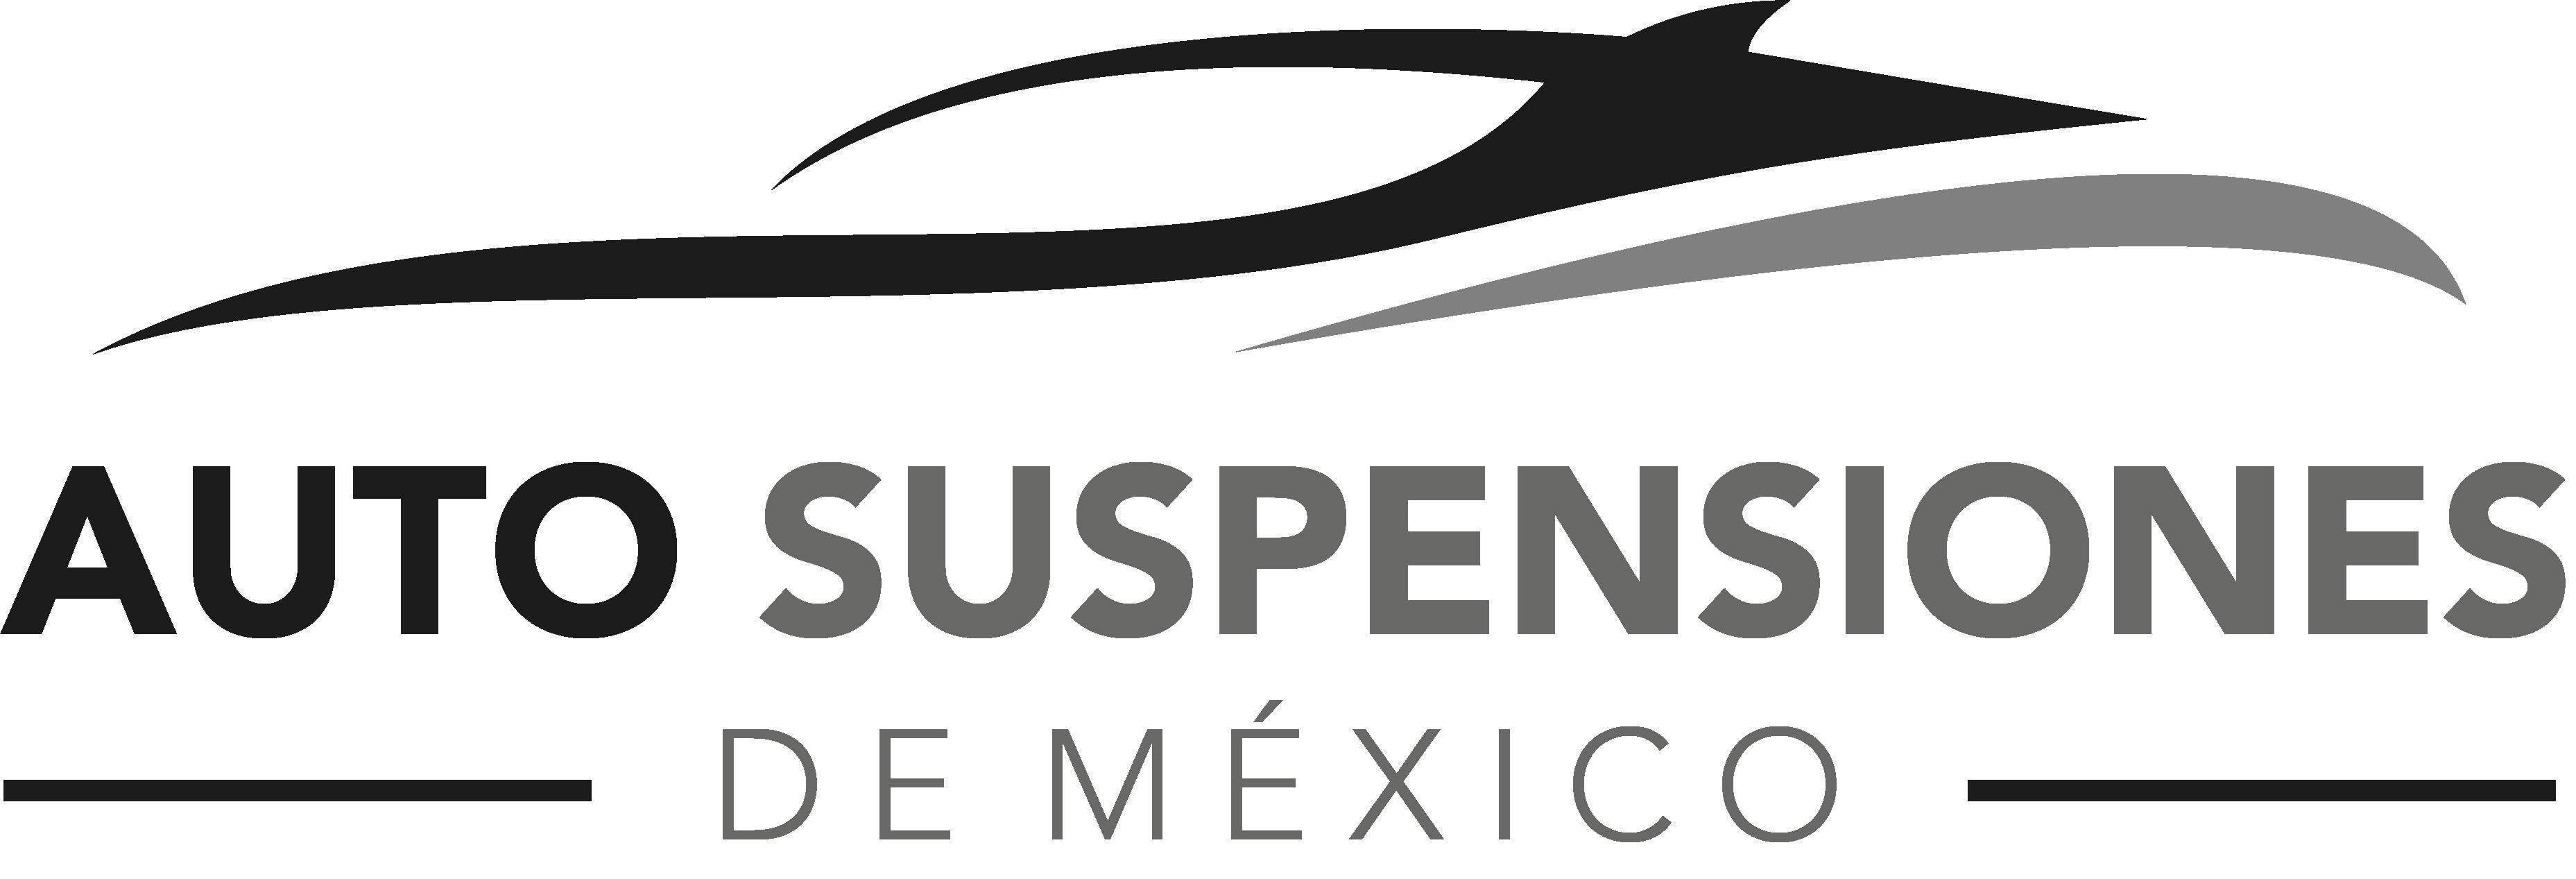 Auto Suspensiones de México